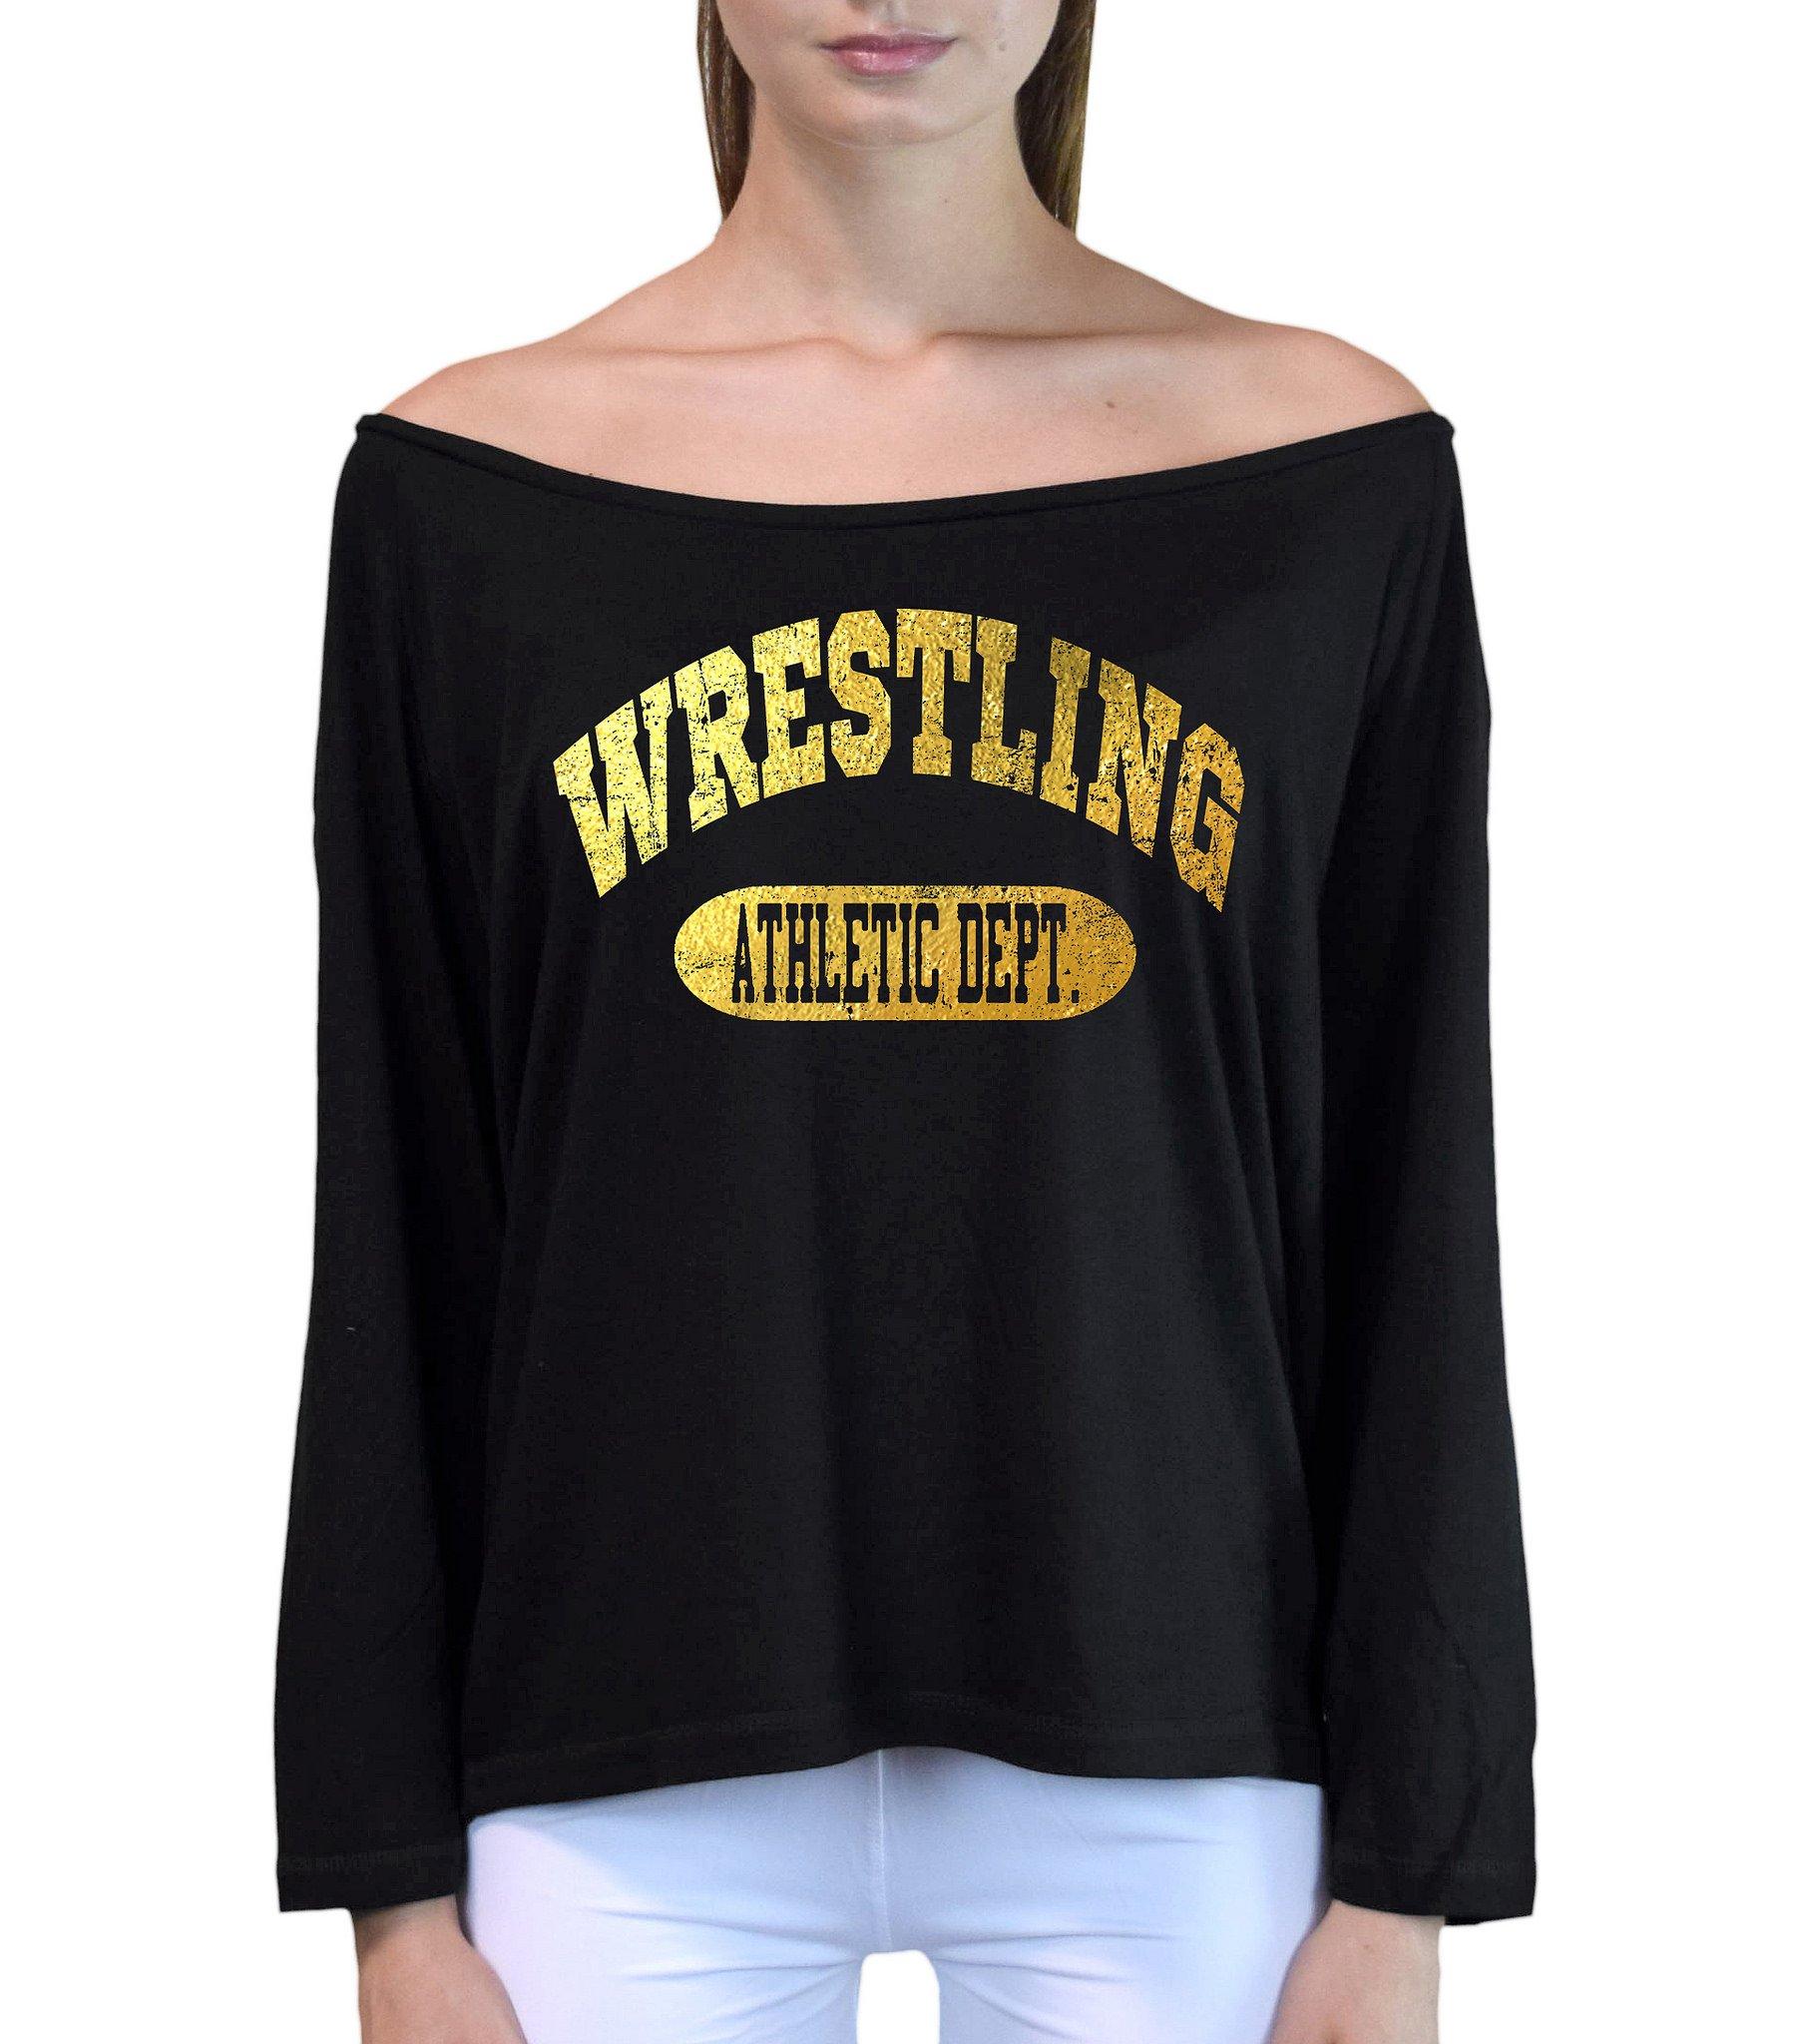 Interstate Apparel Inc Junior's Gold Foil Wrestling Athletic Dept. Black Off-Shoulder Long Sleeve T-Shirt L/XL Black